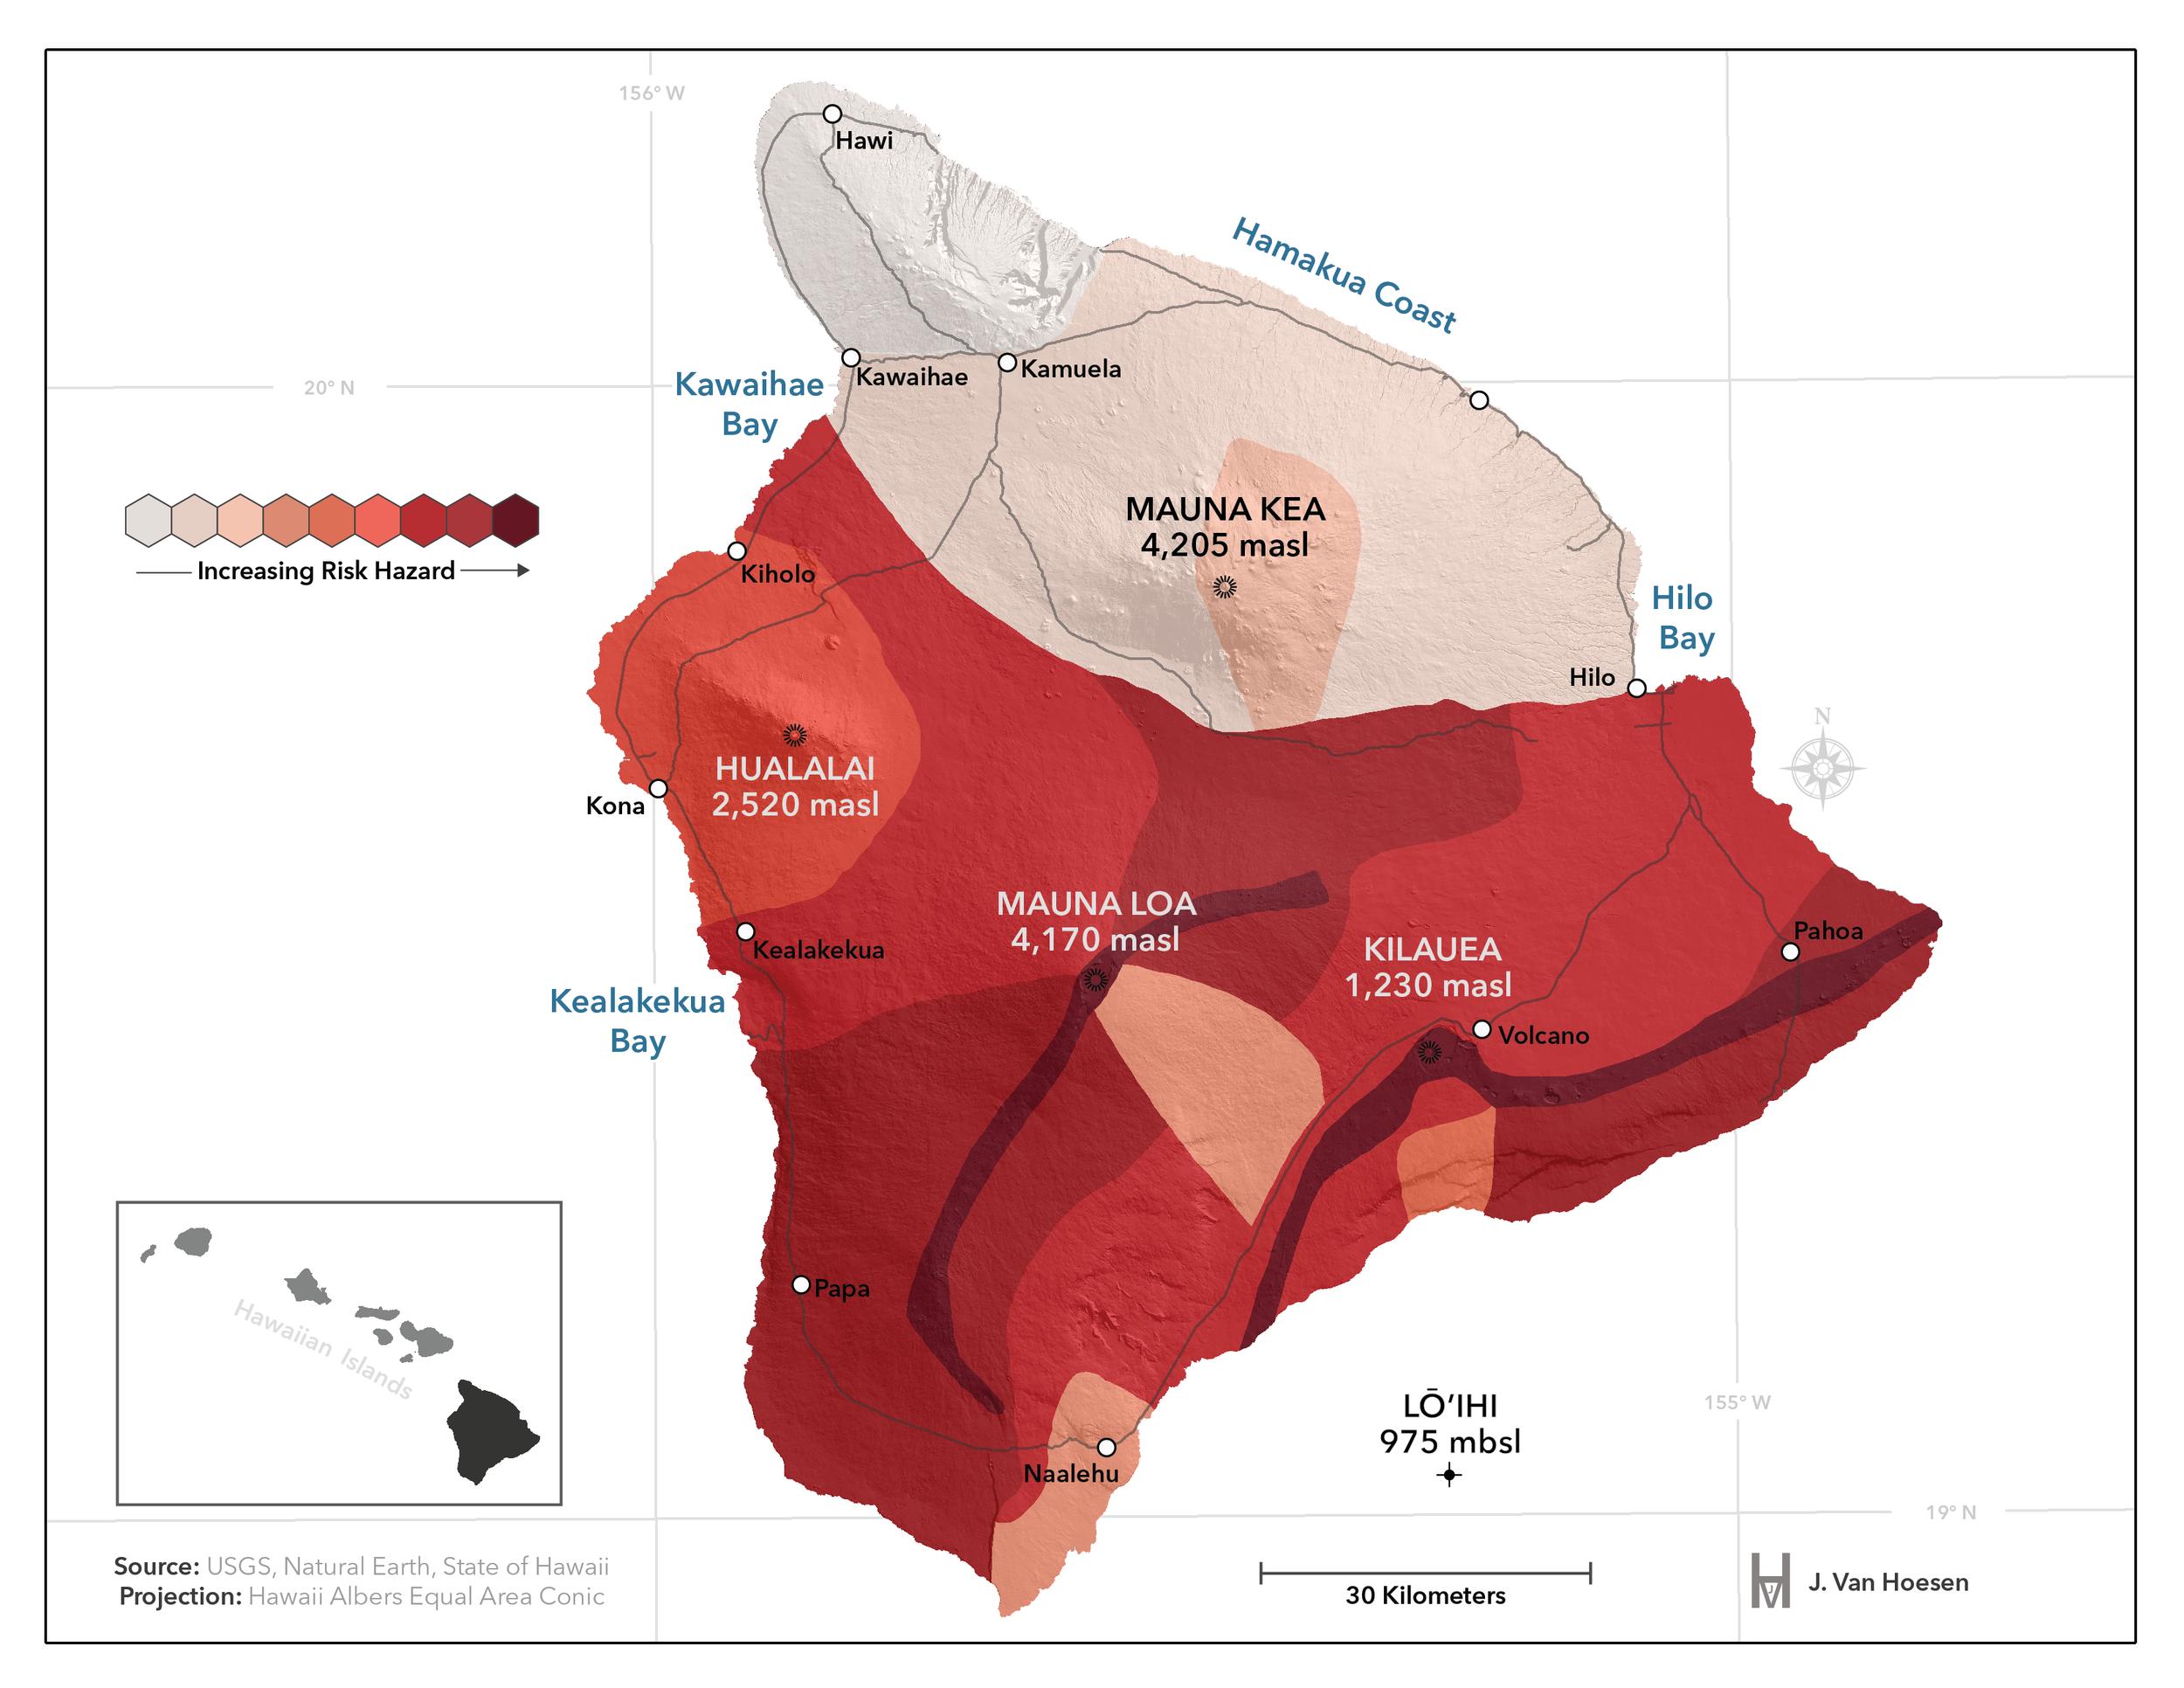 Hawaii Lava Hazards